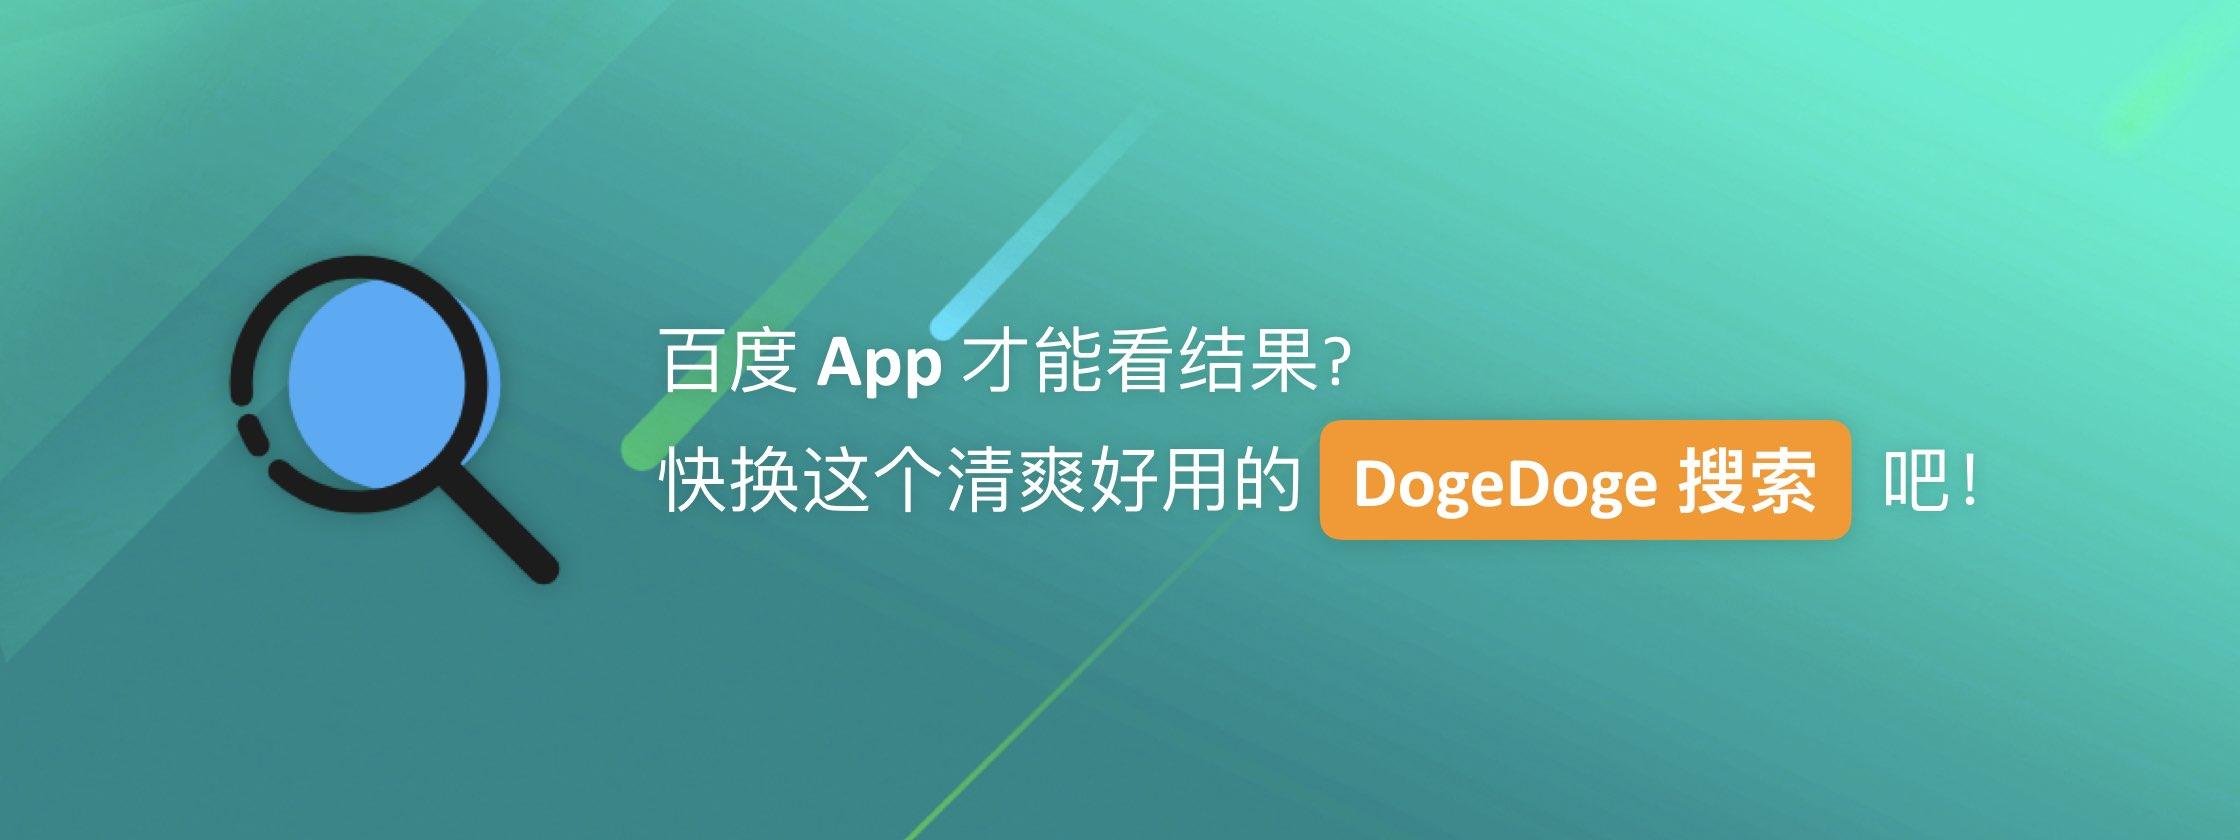 百度 App 才能看结果?快换这个清爽好用的 DogeDoge 搜索吧!